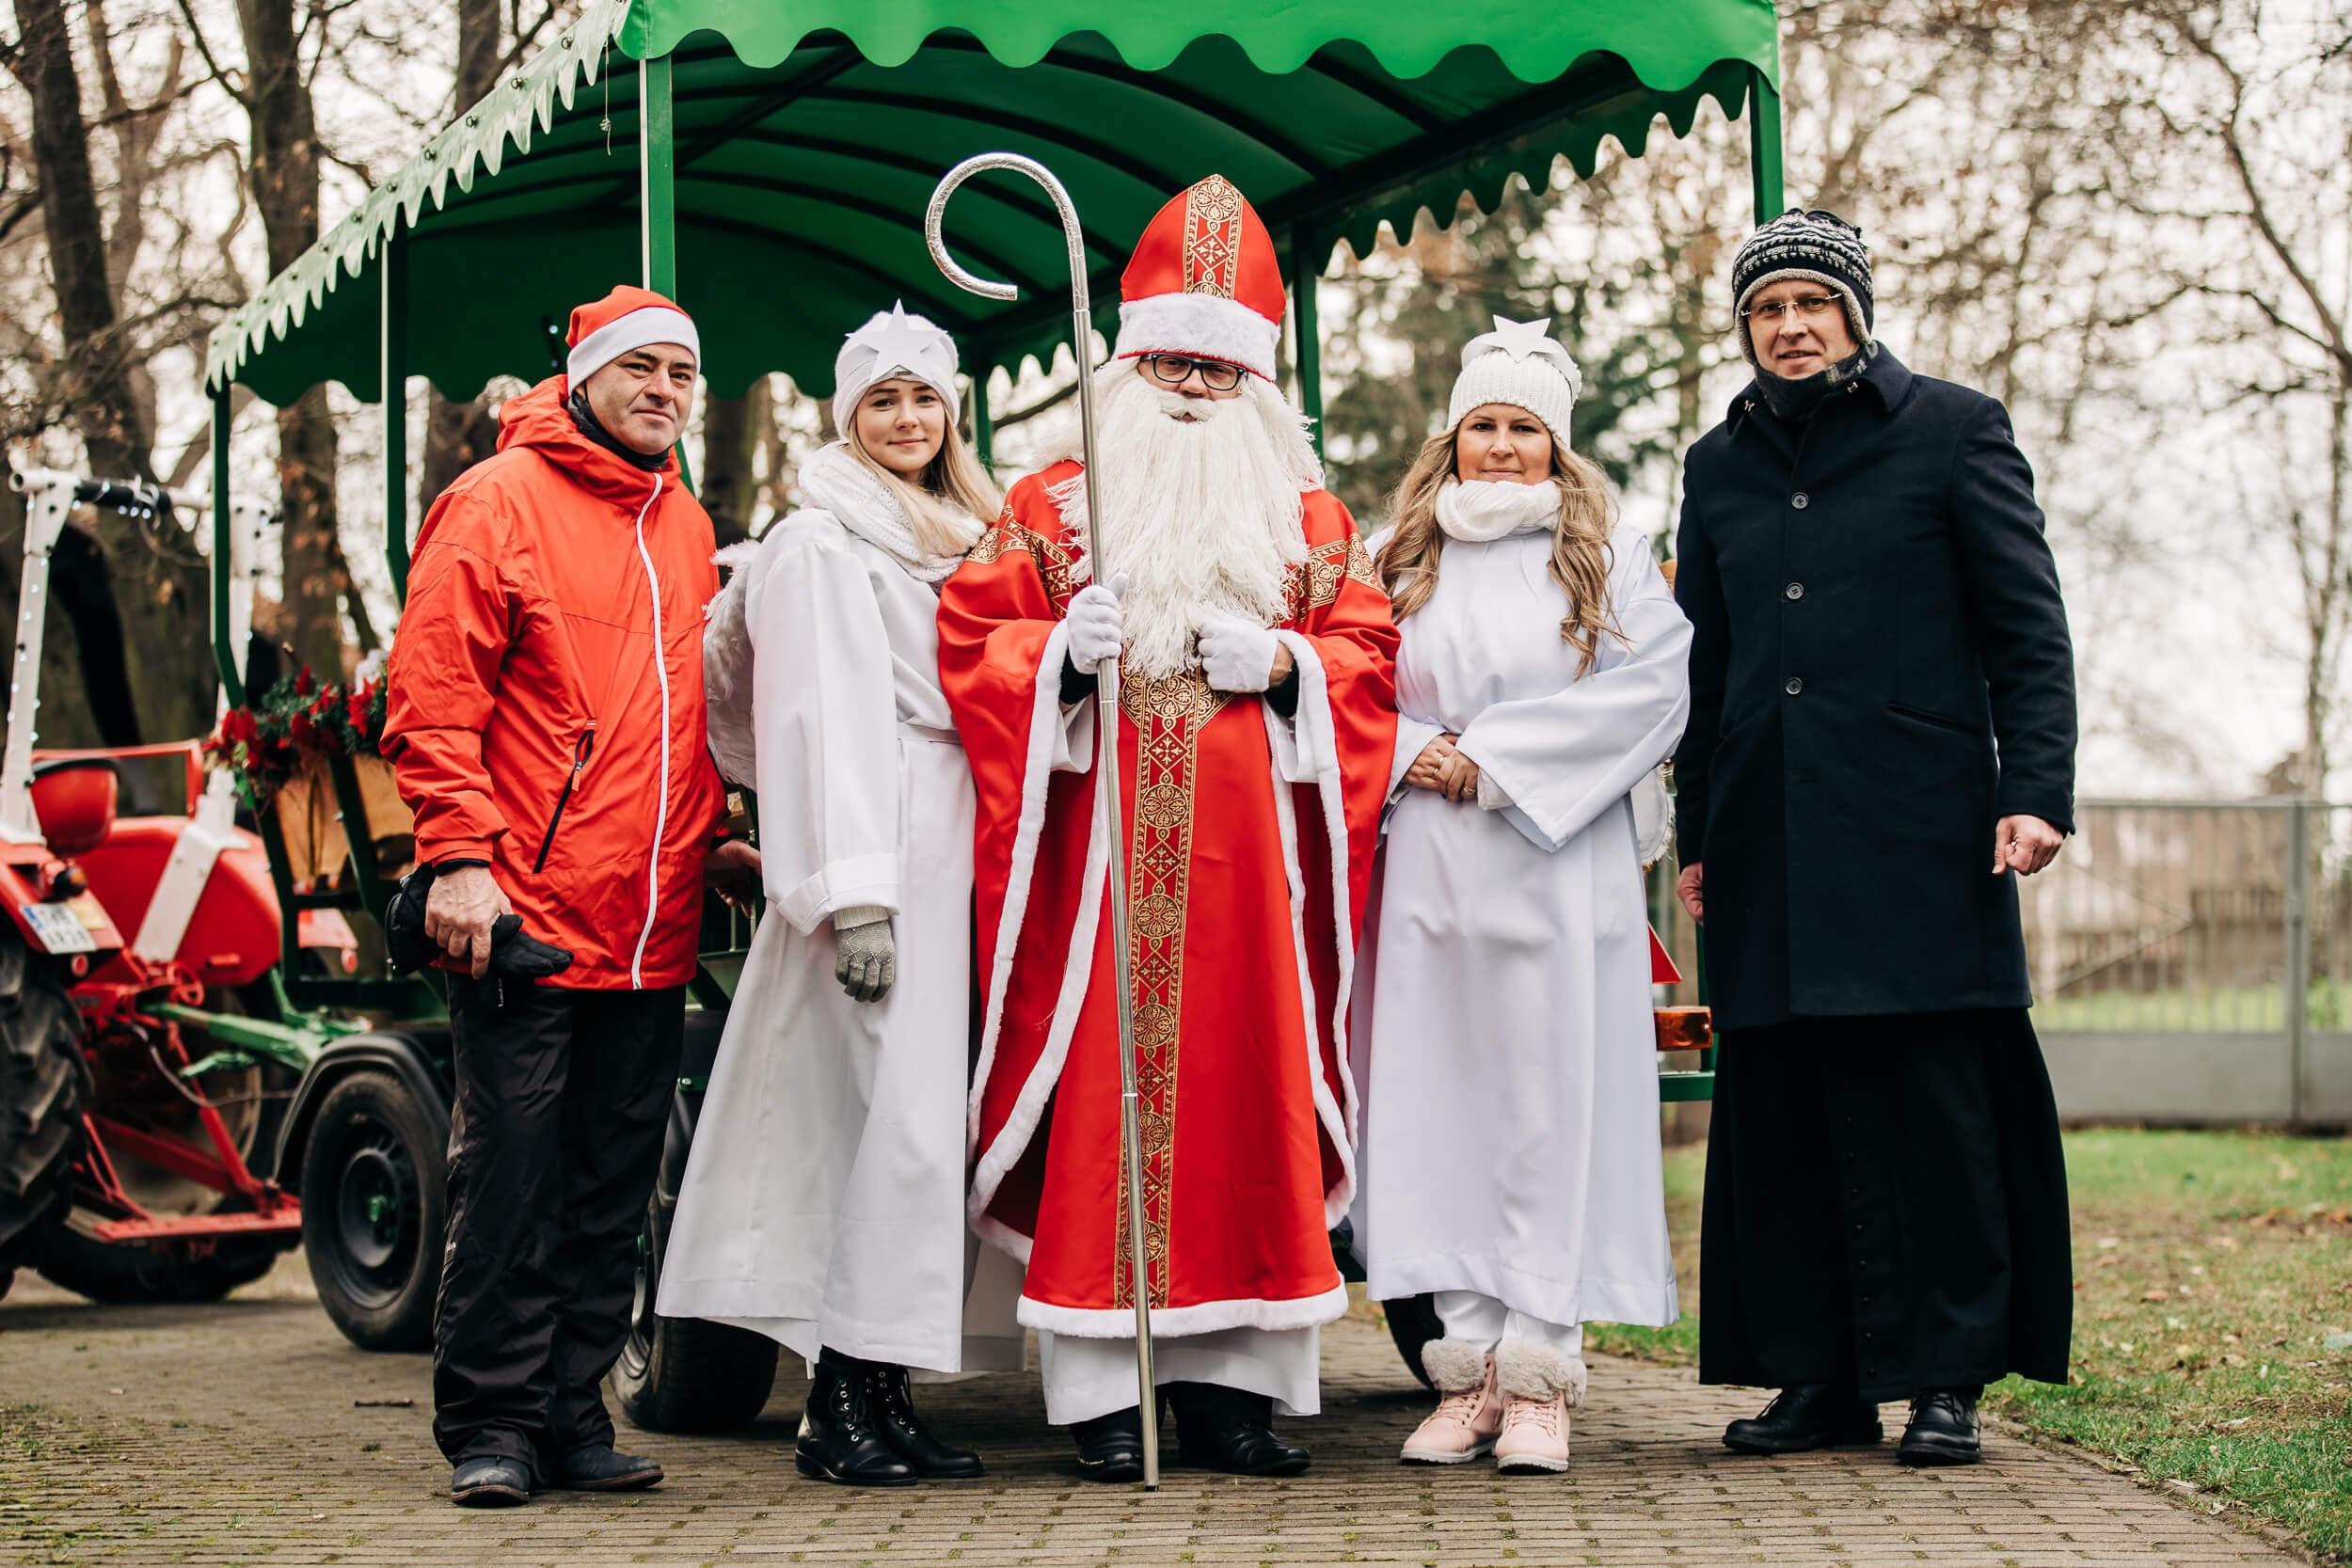 Święty patron dobroci przejadał ulicami Siołkowic